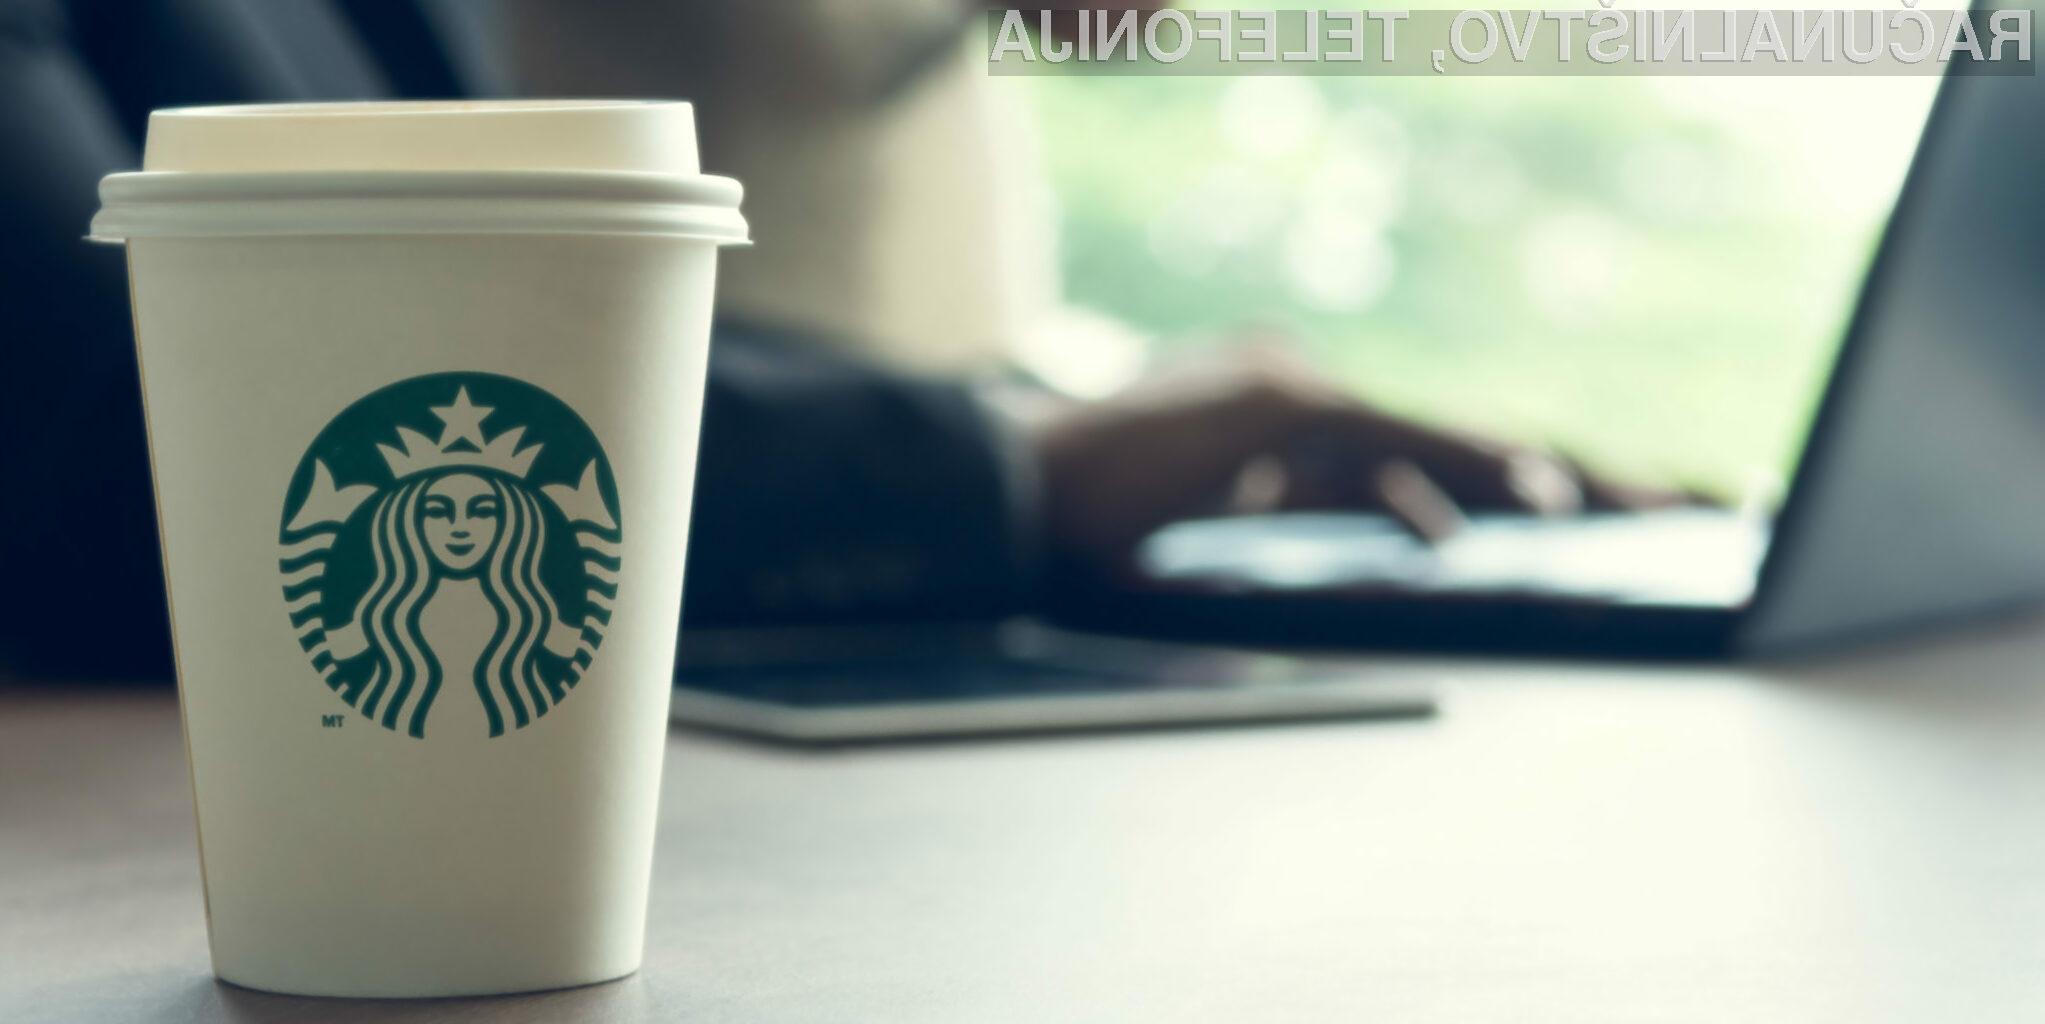 Uporabniki v Starbucksu do nevede rudaril kriptovaluto Monero.